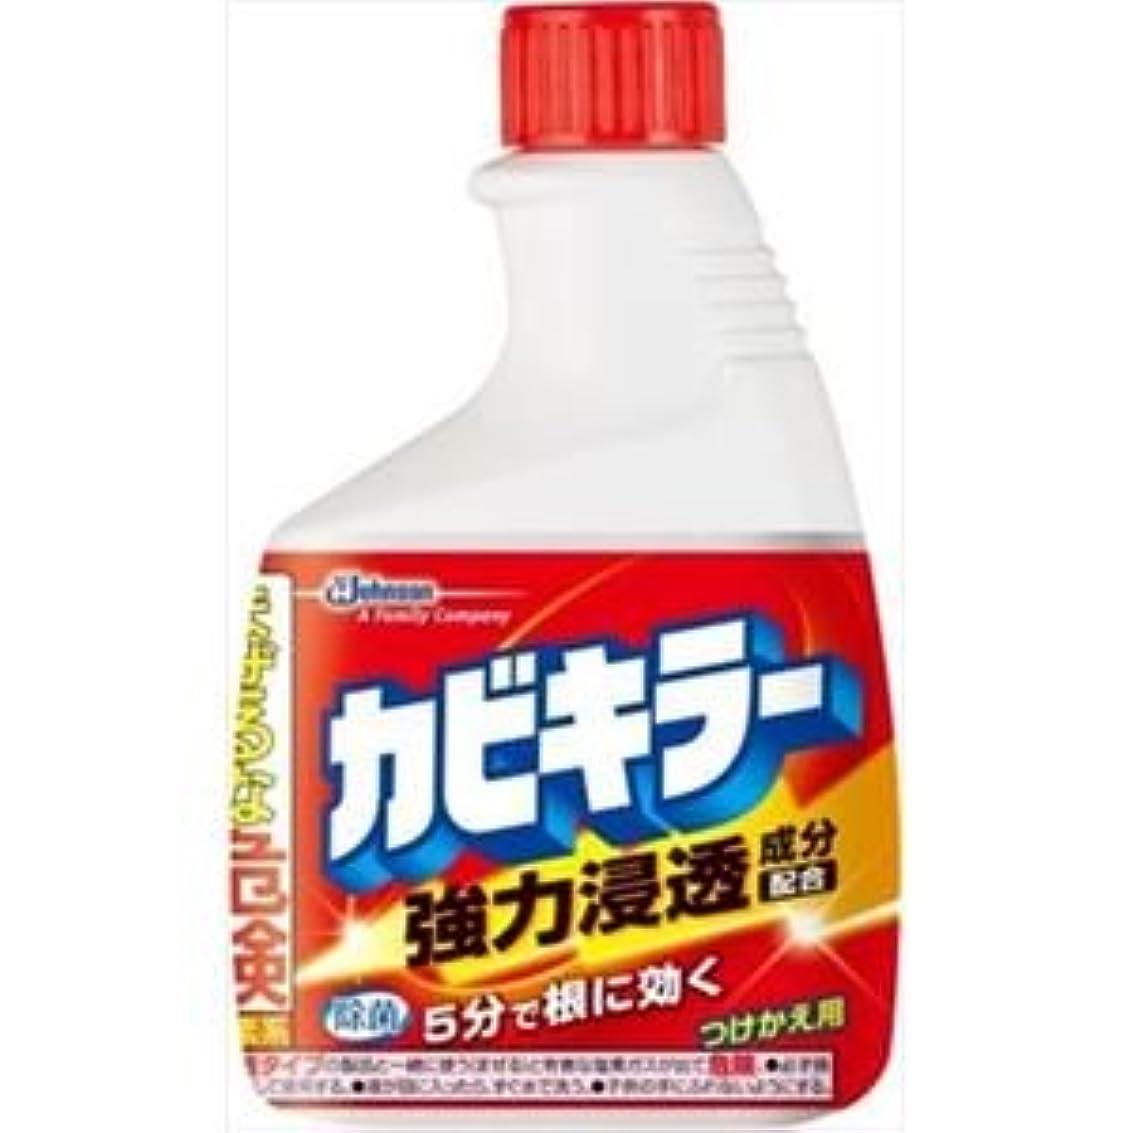 メジャー設計第(まとめ)ジョンソン 新カビキラー 替 400G 【×5点セット】